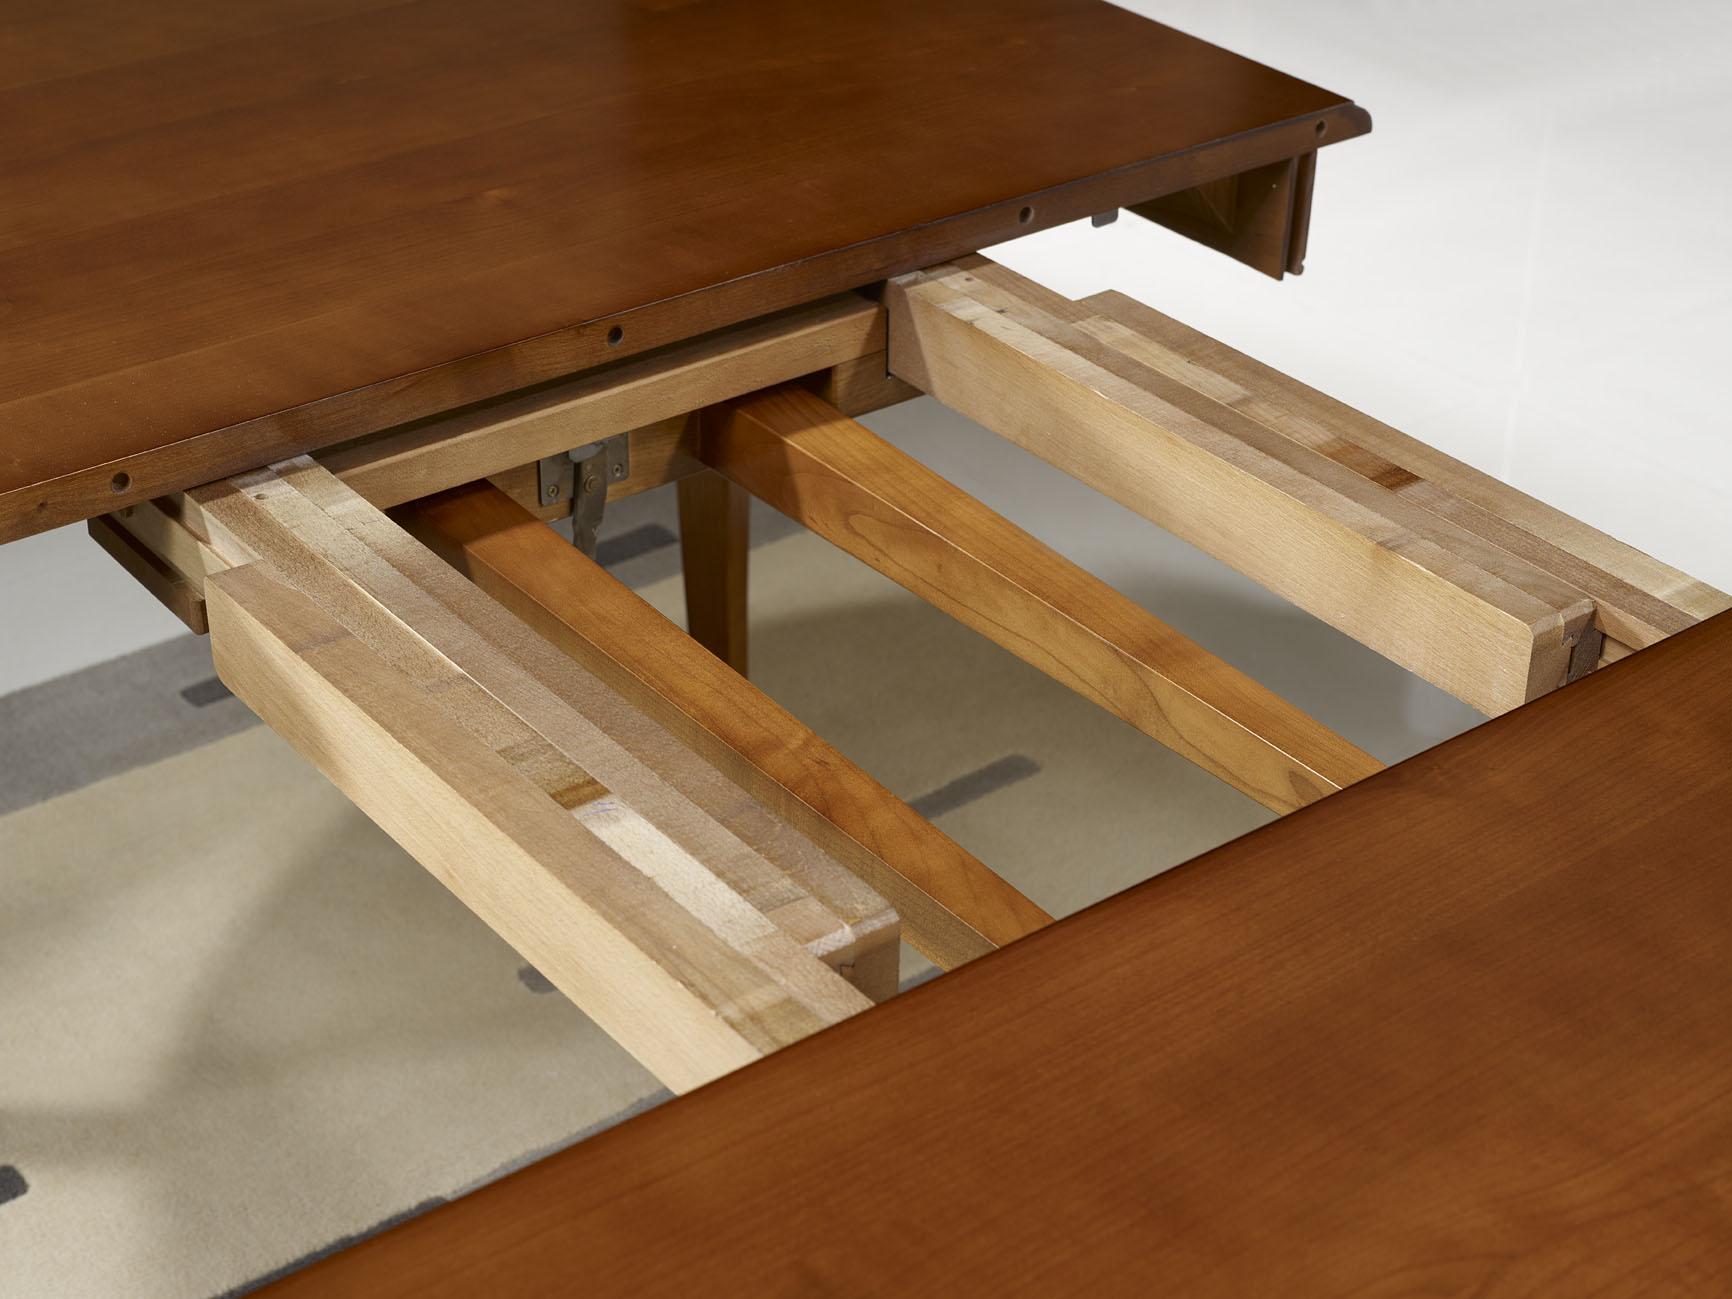 table ovale julie 180x120 en merisier massif de style louis philippe avec 5 allonges de 40 cm. Black Bedroom Furniture Sets. Home Design Ideas